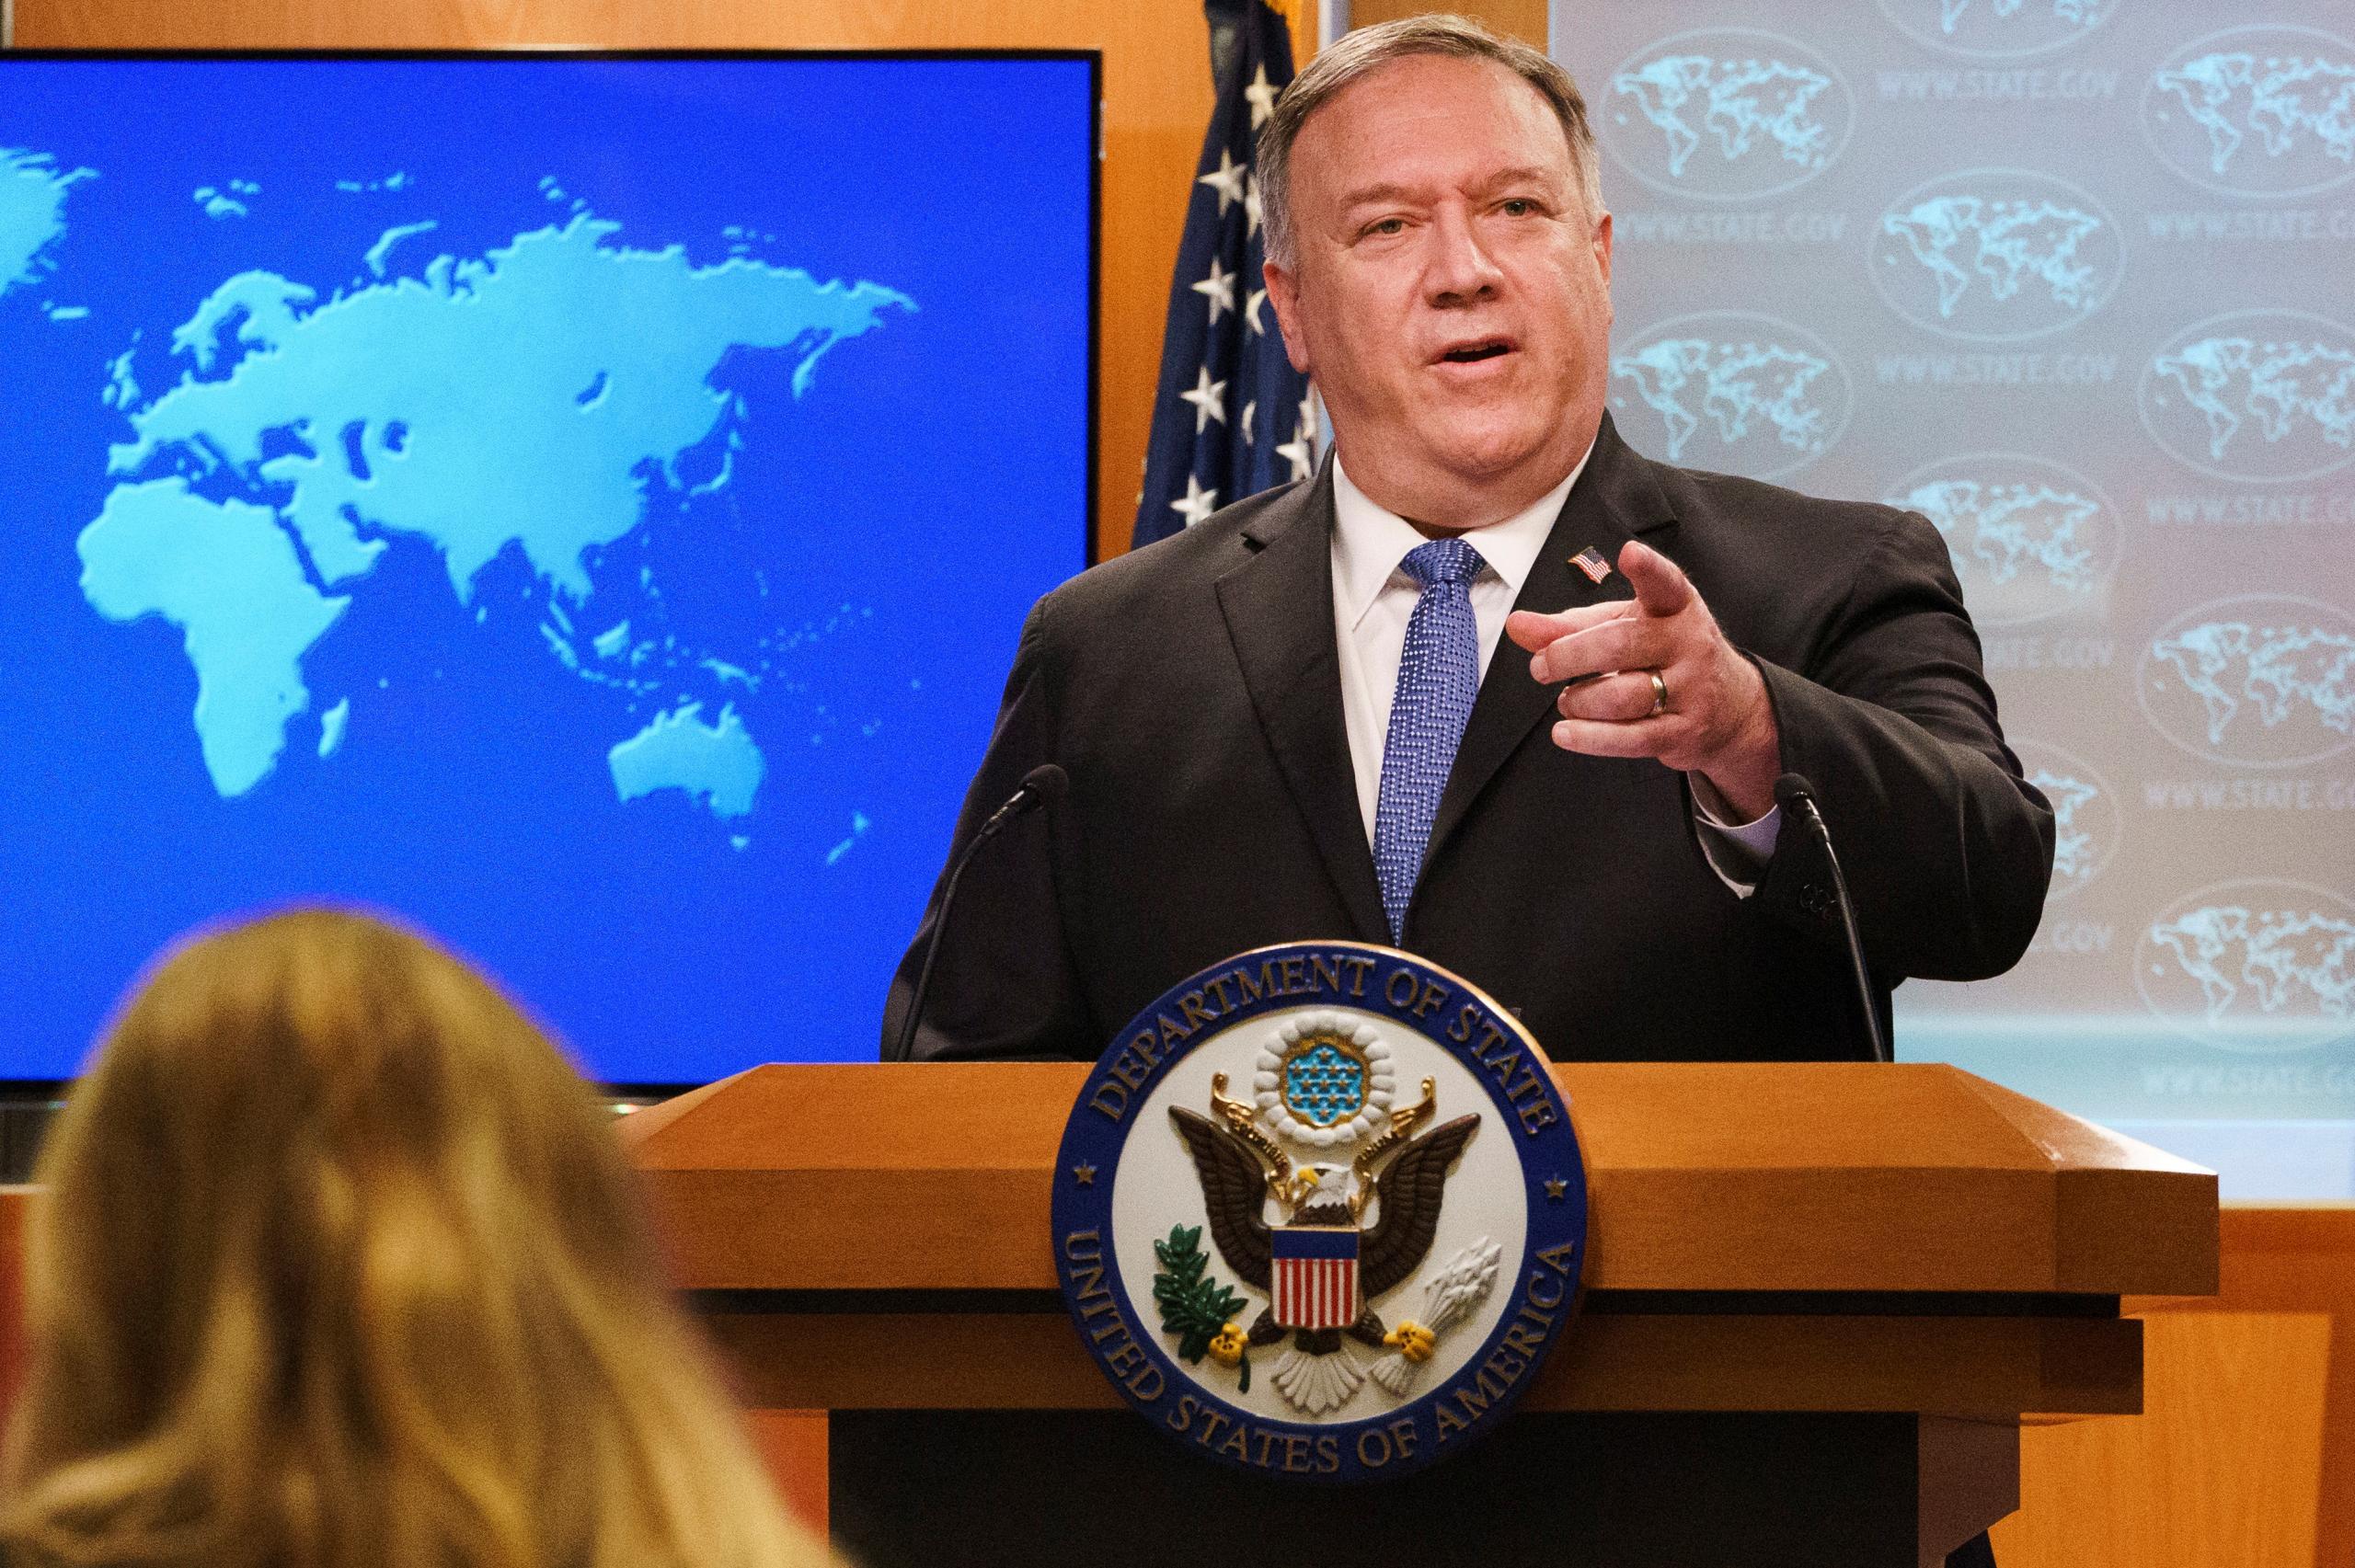 """وزير الخارجية الأميركي مايك بومبيو: الإدارة الأميركية بحاجة للعمل مع أوروبا لوضع حد لتصرفات تركيا-""""رويترز"""""""